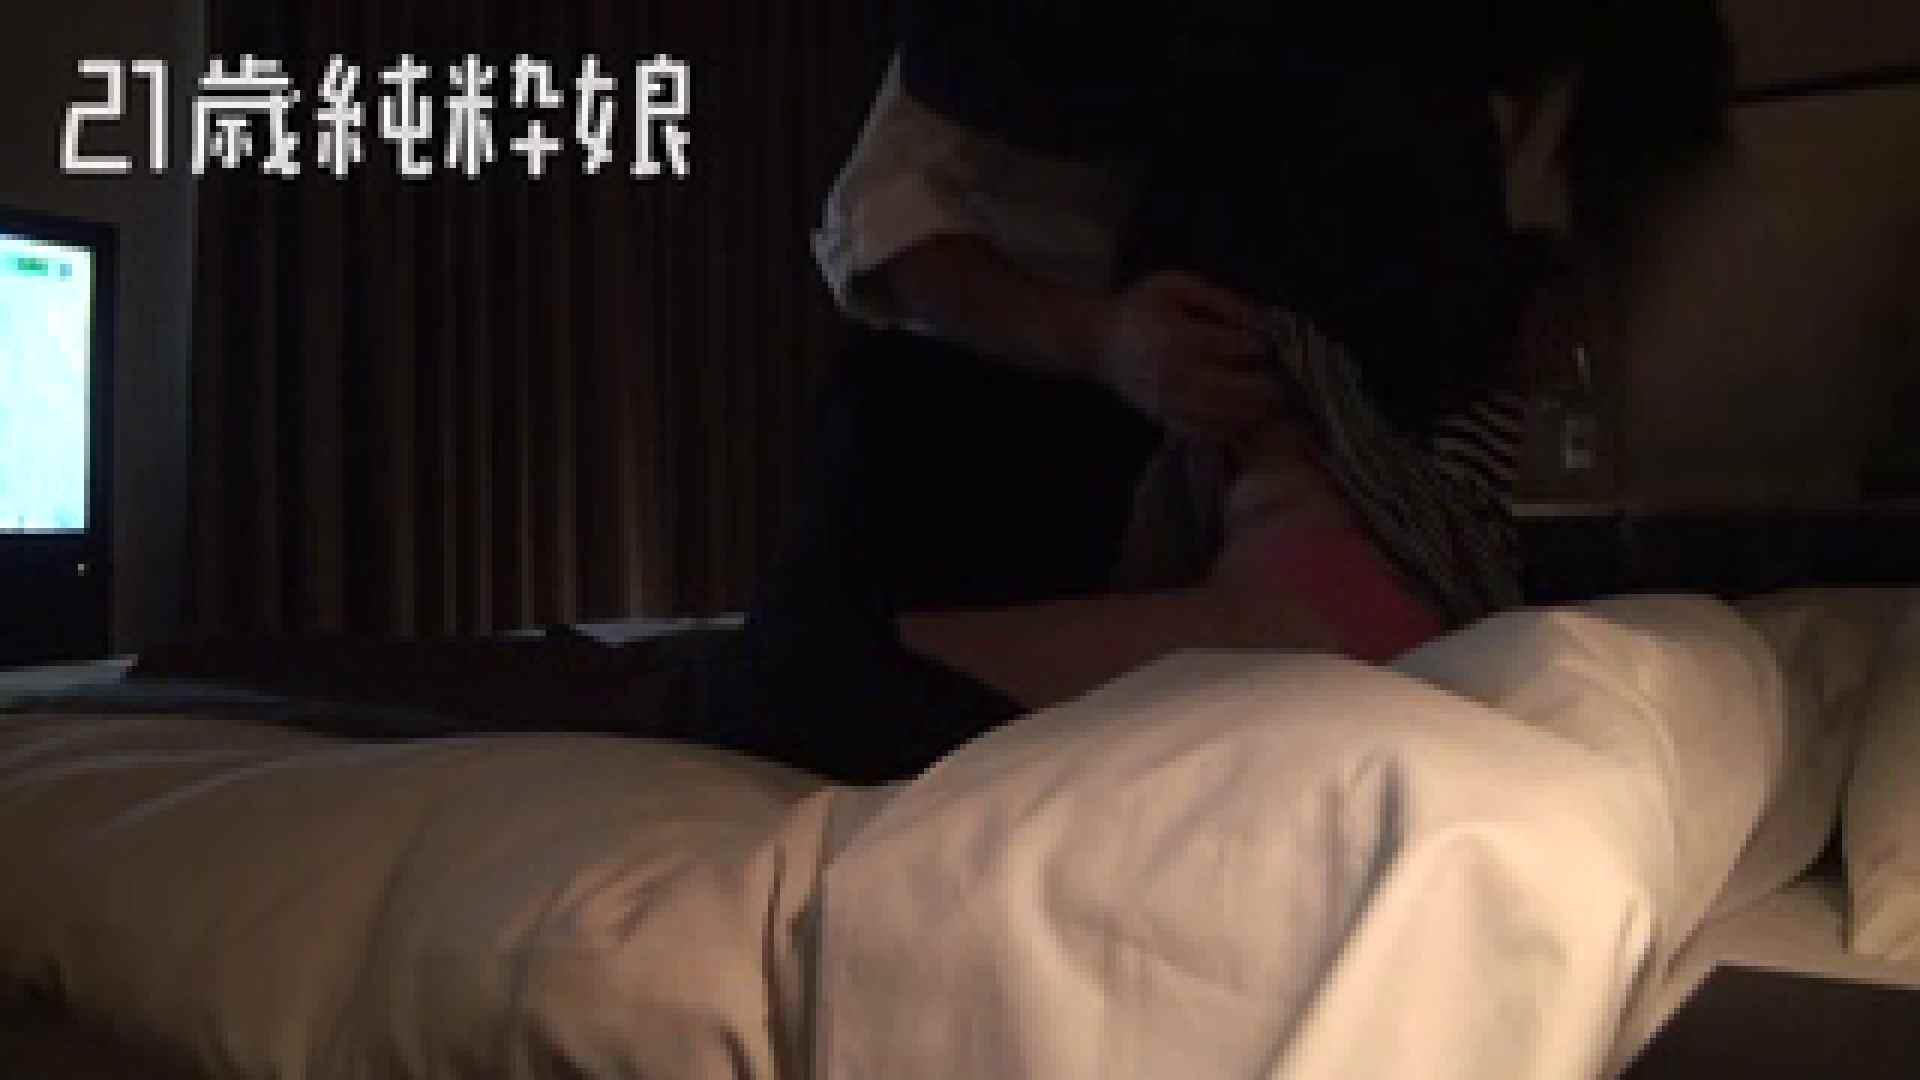 上京したばかりのGカップ21歳純粋嬢を都合の良い女にしてみた4 投稿 | 友人投稿  61連発 9